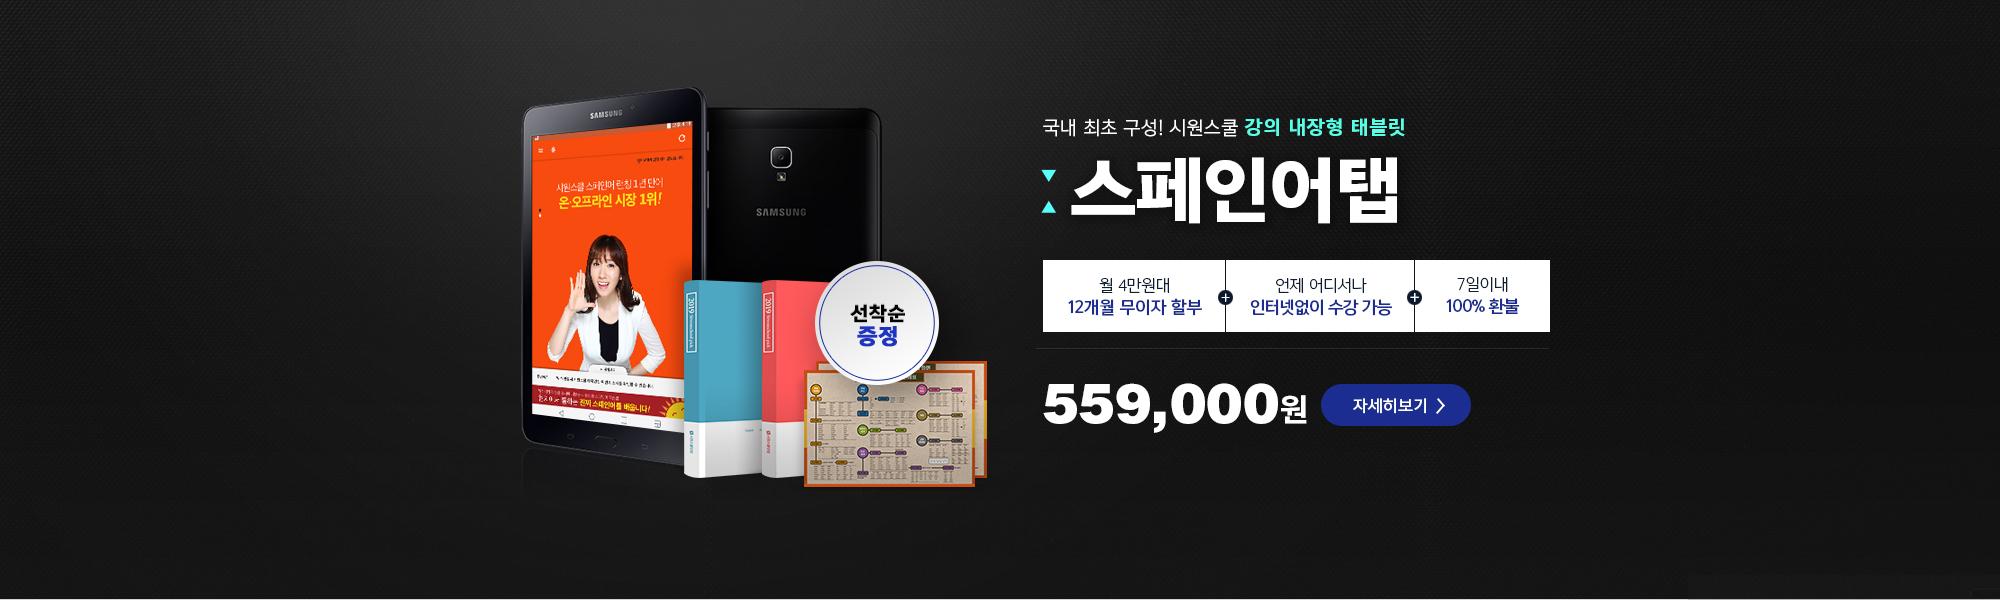 ★한정혜택★탭★플래너/브로마이드